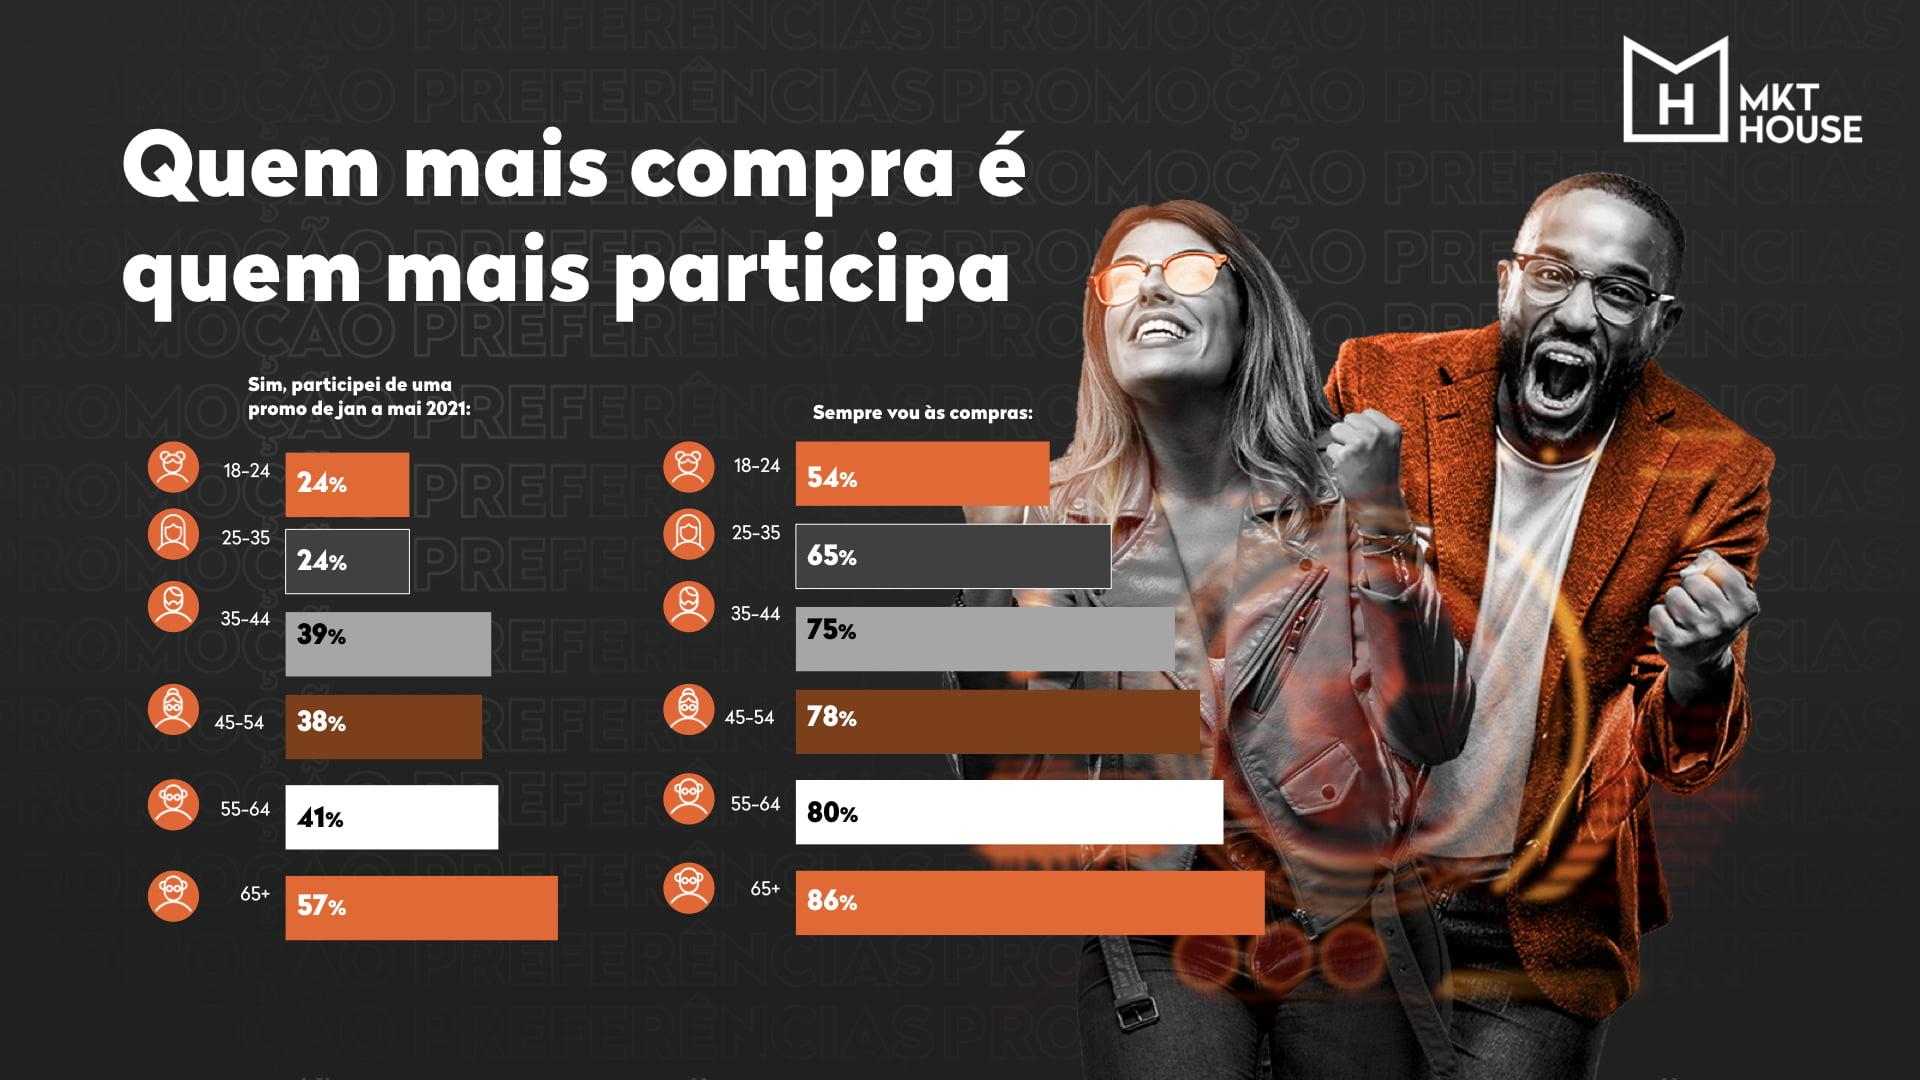 MKT House lança pesquisa inédita que aponta mudanças de perfis e diferentes formas do consumidor brasileiro se relacionar com promoção